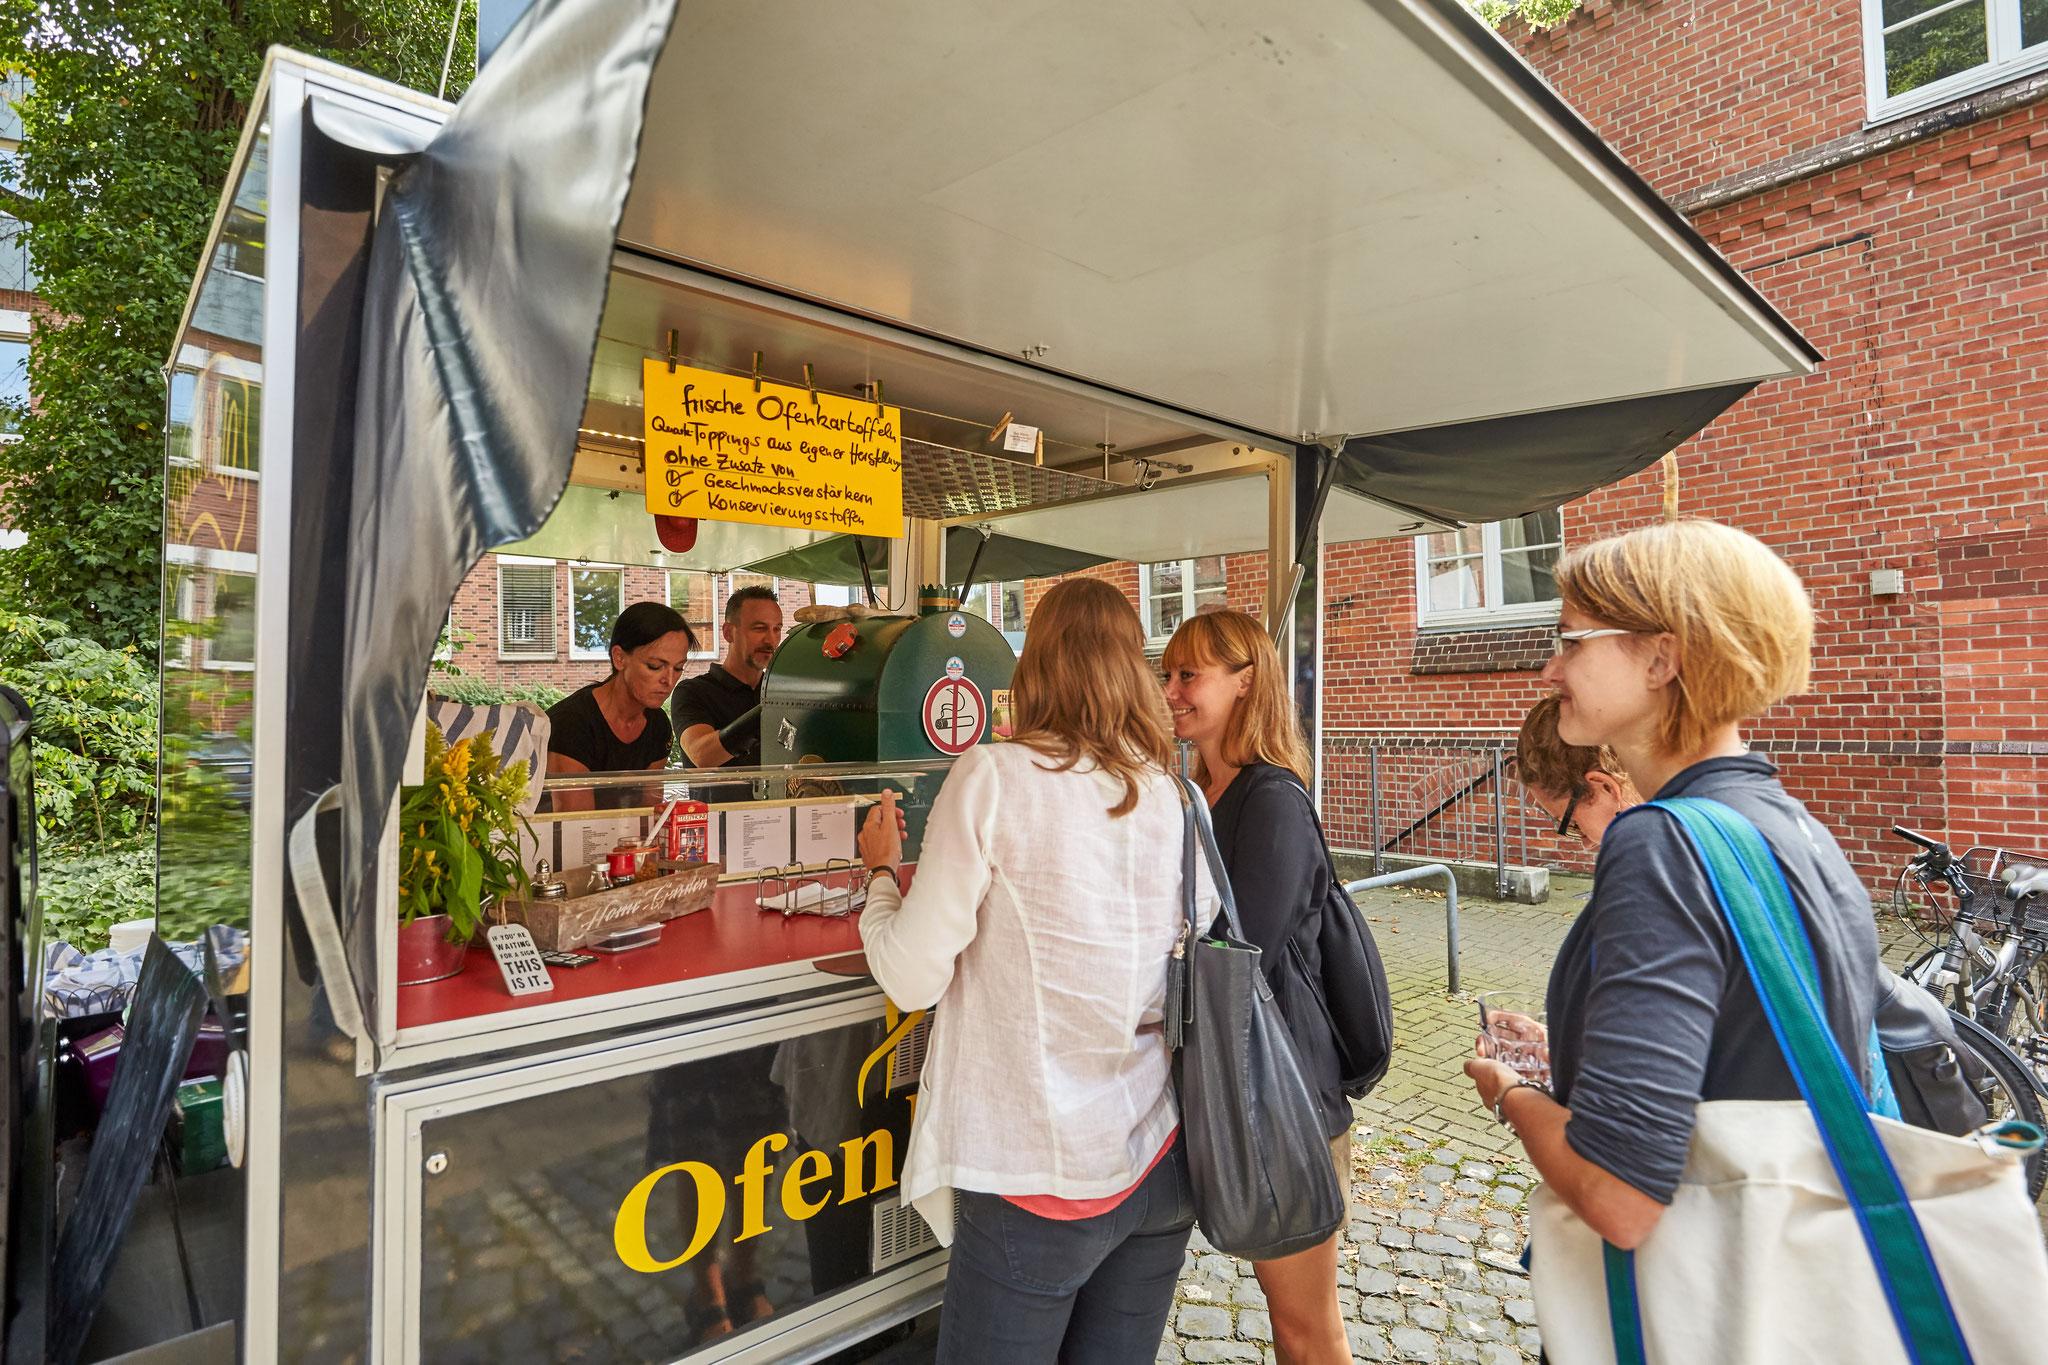 KARToGGIO® Catering an der Universität Hannover. Foto:  wyrwa-fotografie Christian Wyrwa